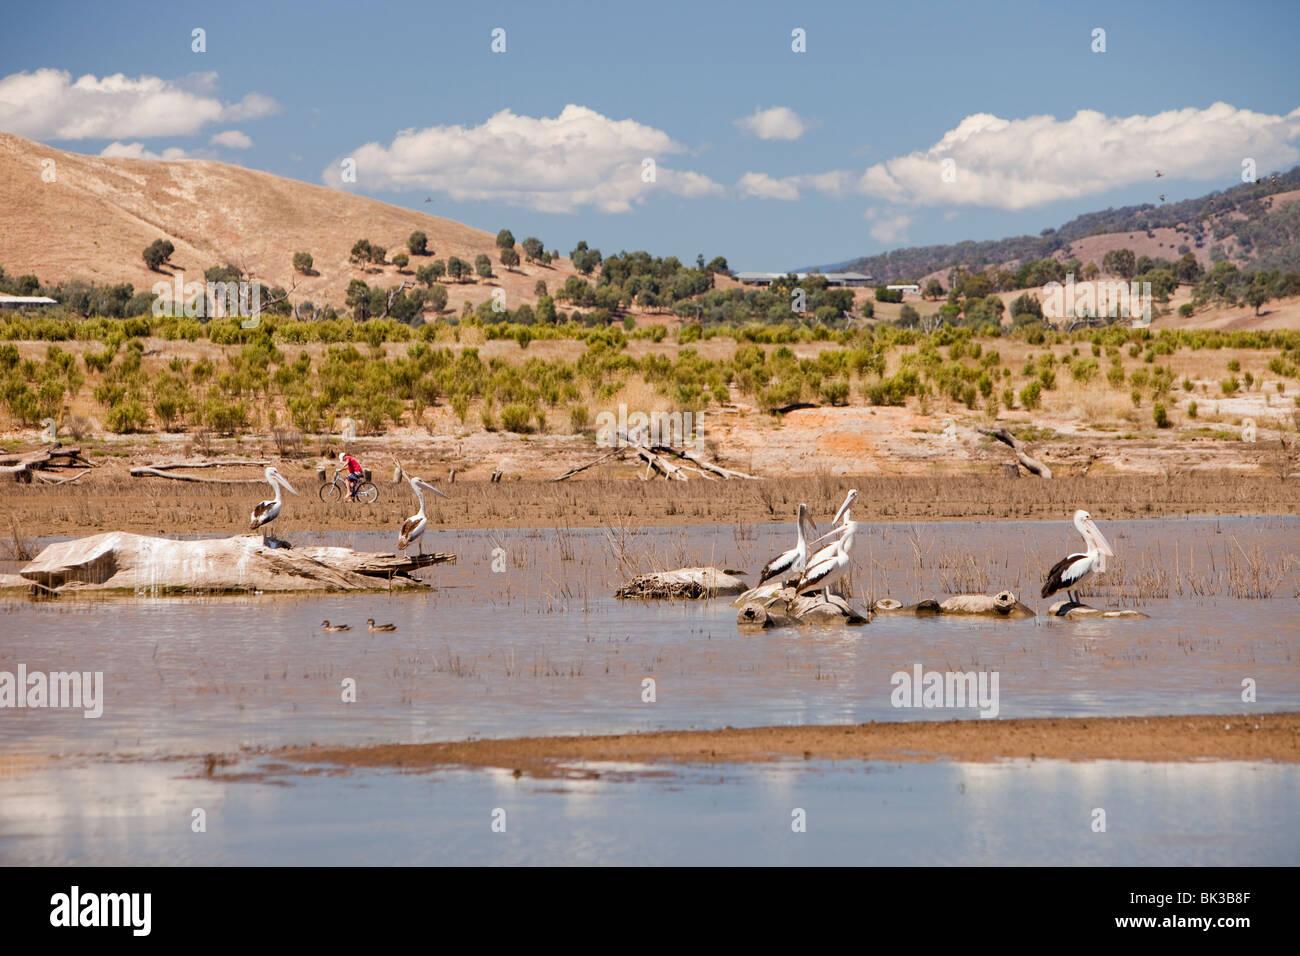 La sequía en el lago Eildon, Bonnie Doon, Australia. Imagen De Stock